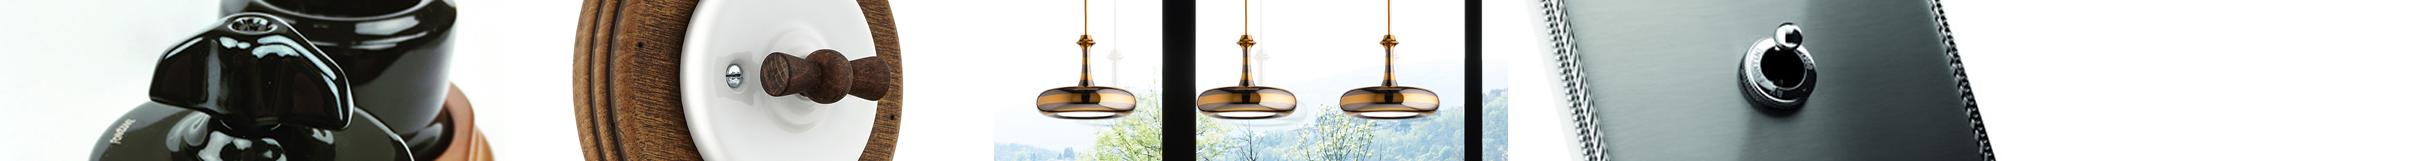 NeNo design - Stylové retro vypínače a svítidla - eshop